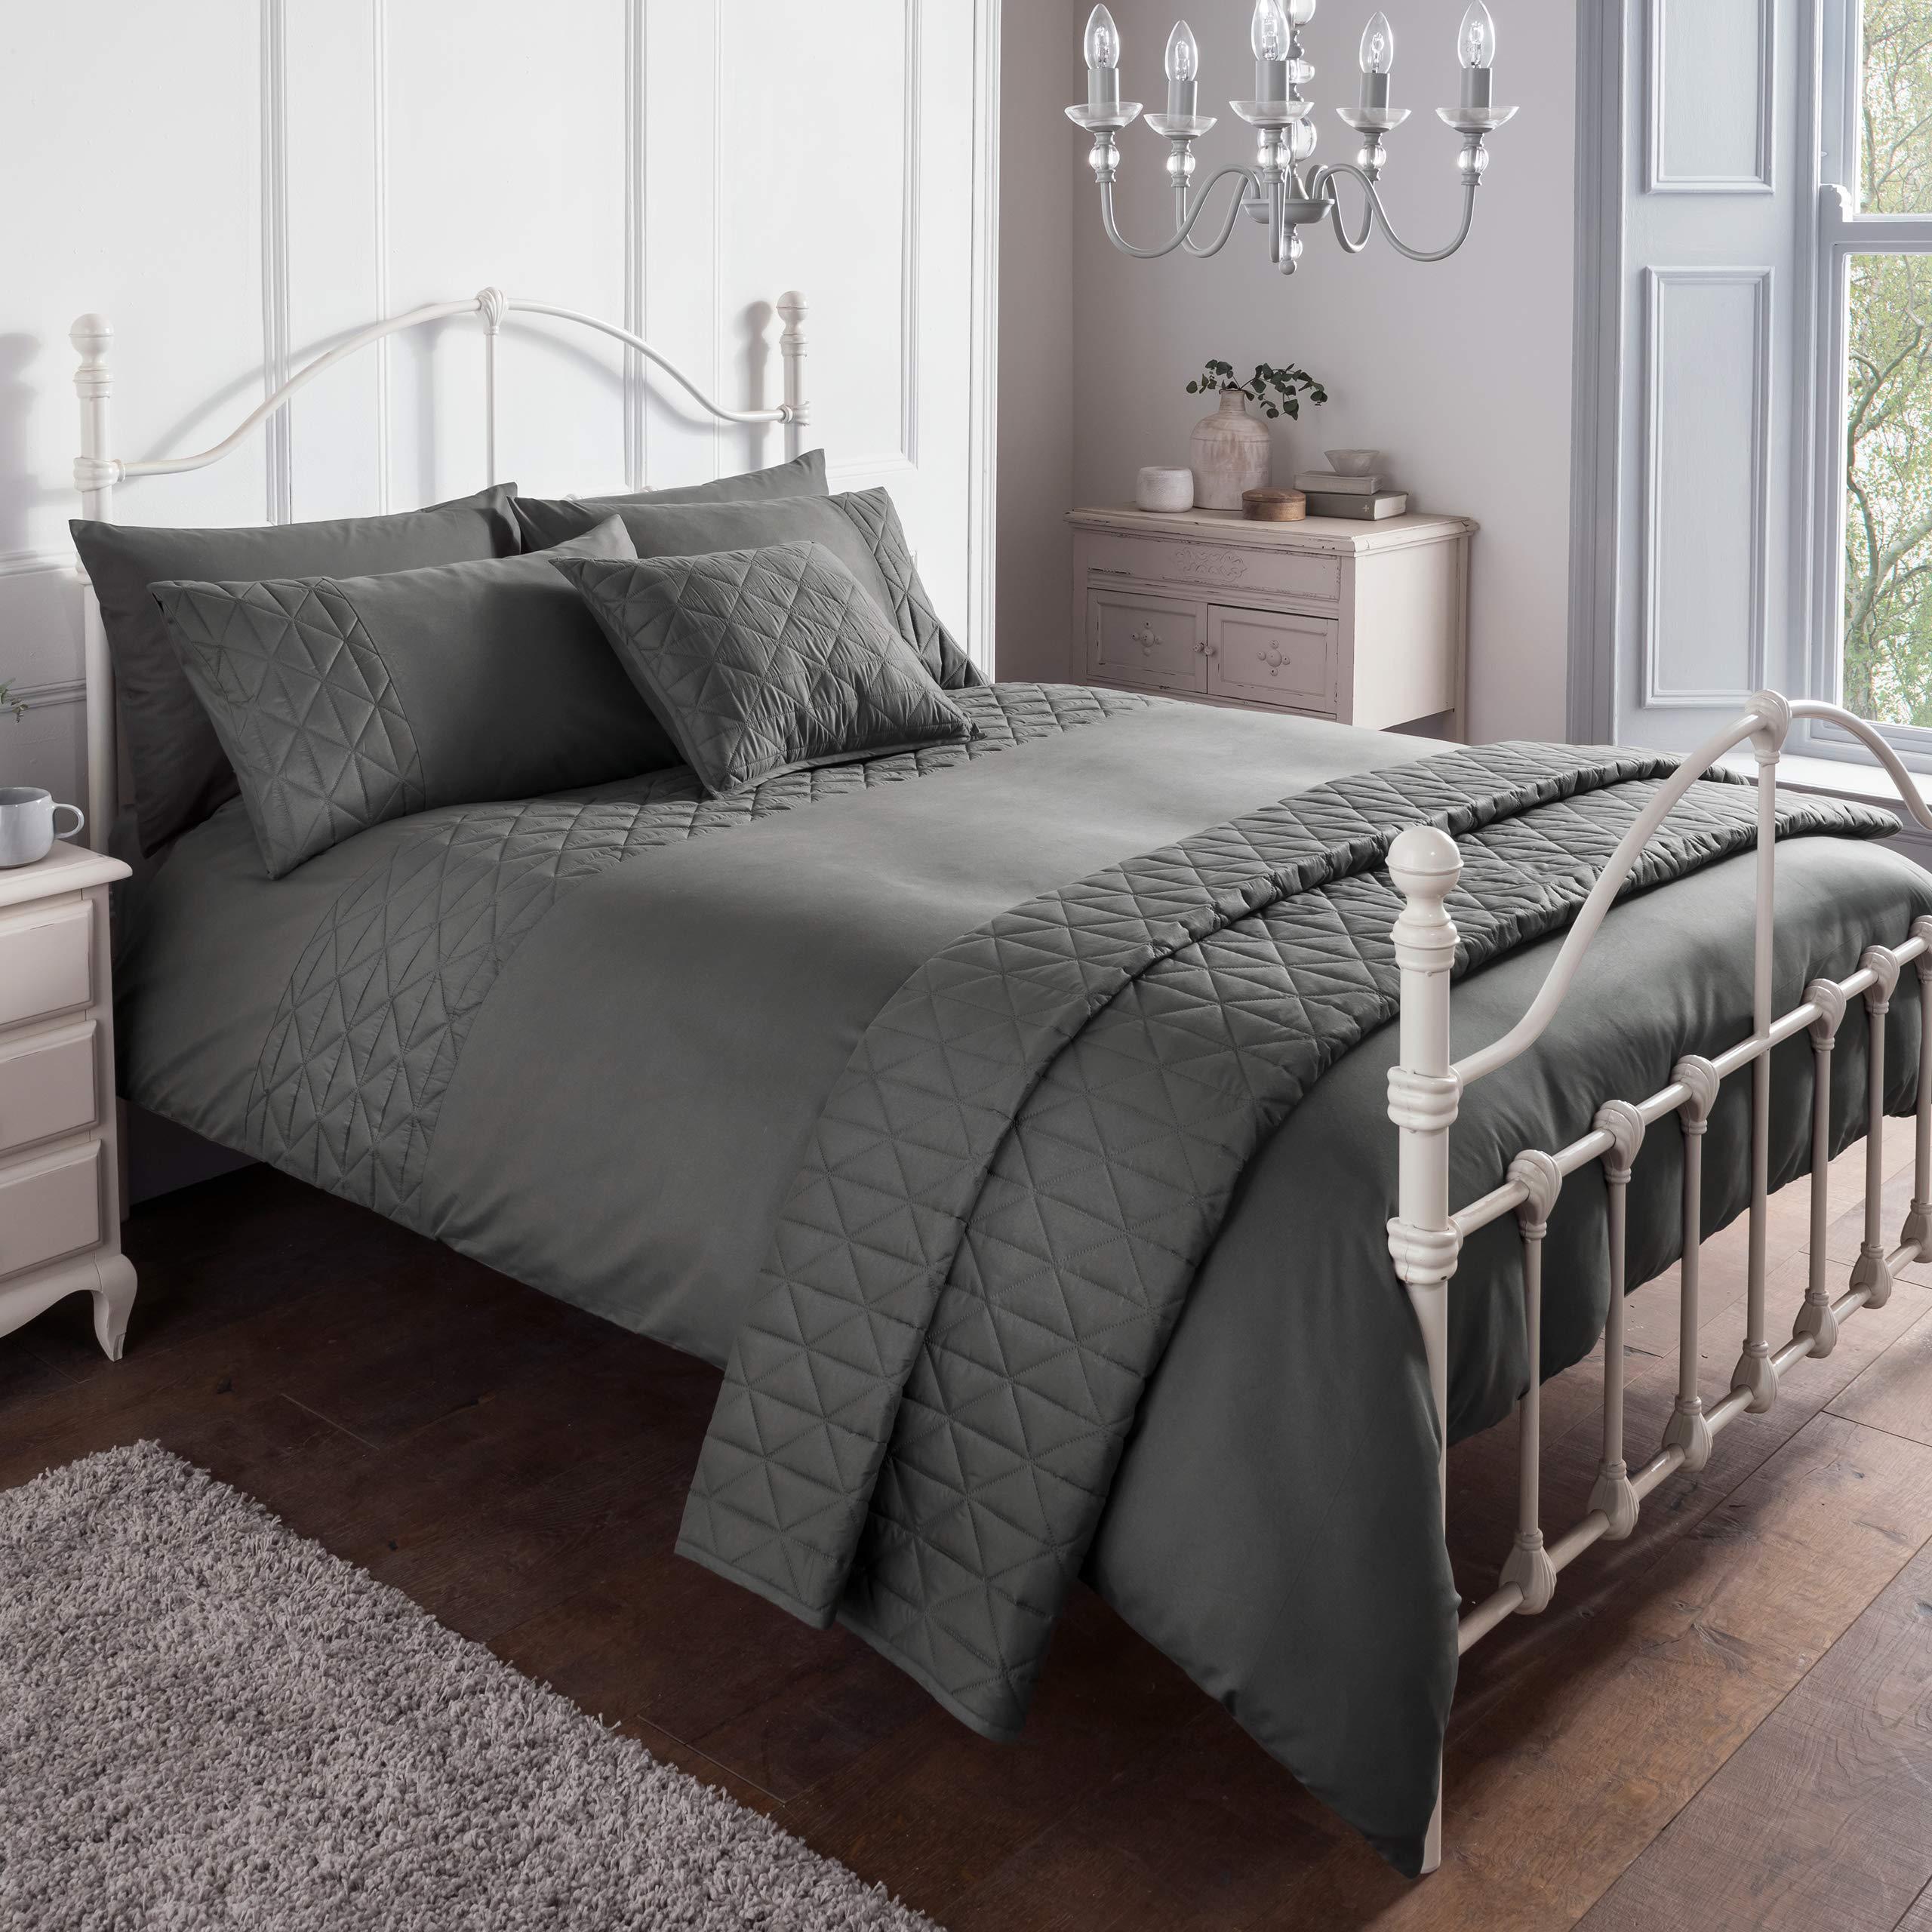 Pillowcase Sleepdown Pintuck Luxury Cotton Duvet Quilt Cover Bedding Set